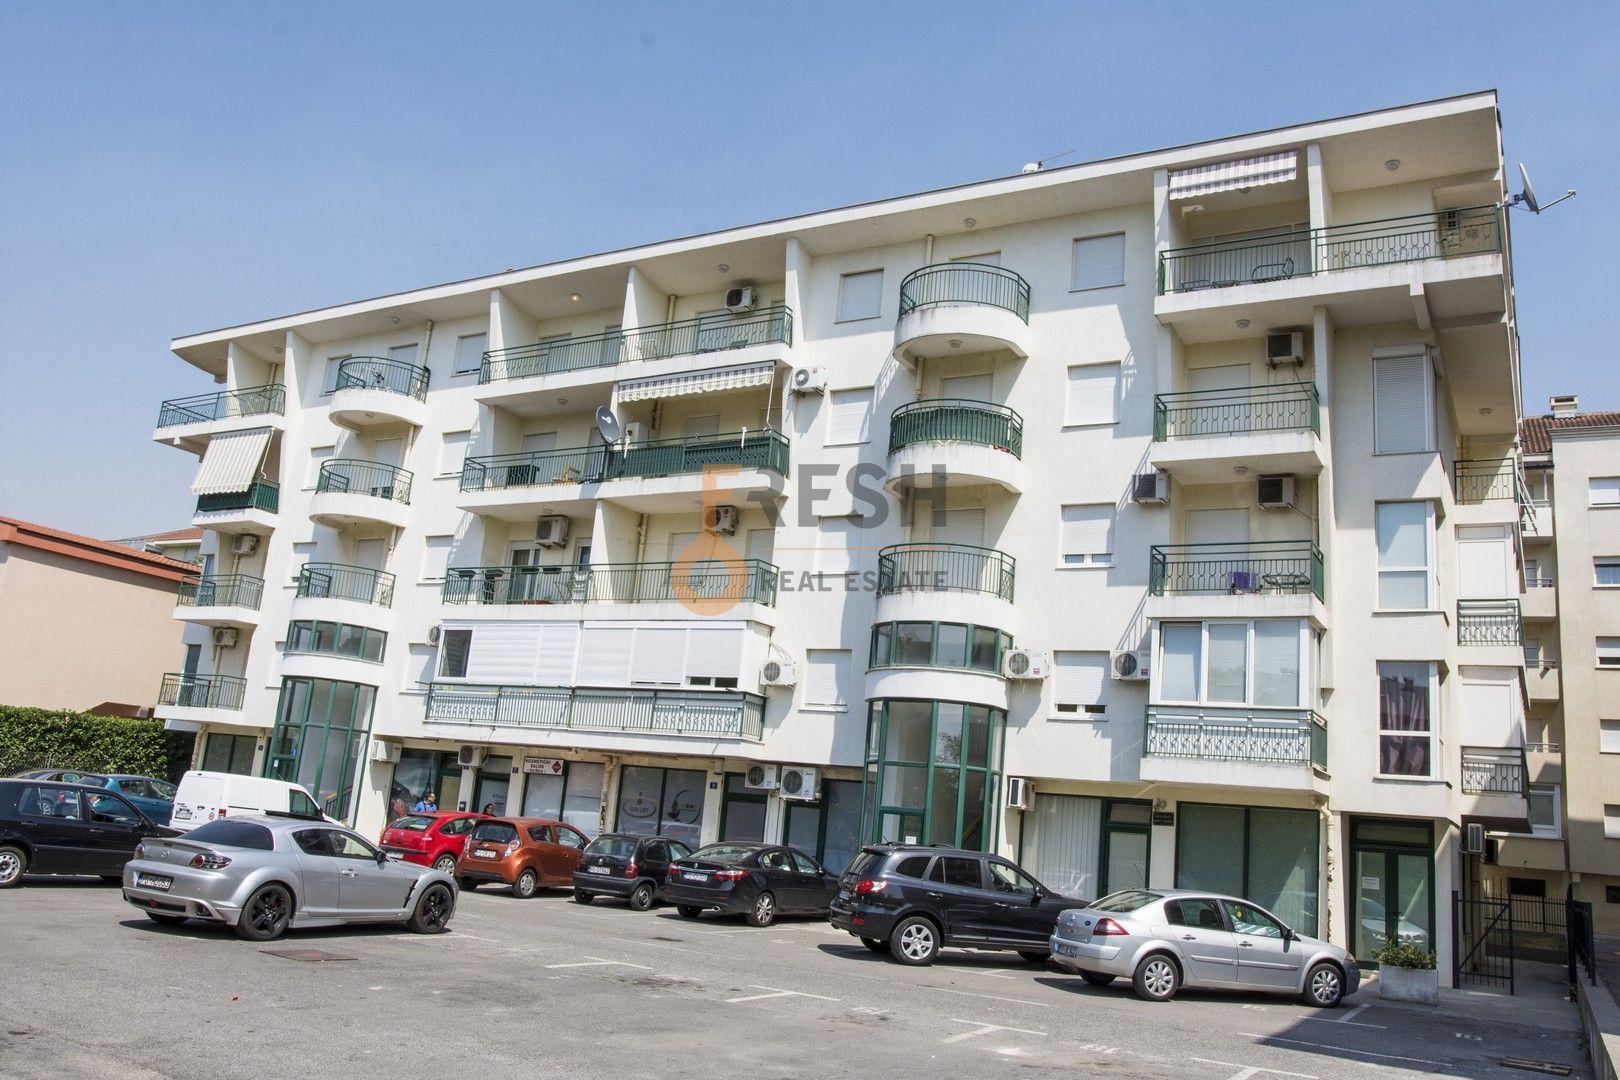 Poslovni prostor, 31m2, Zagoric, Prodaja - 1